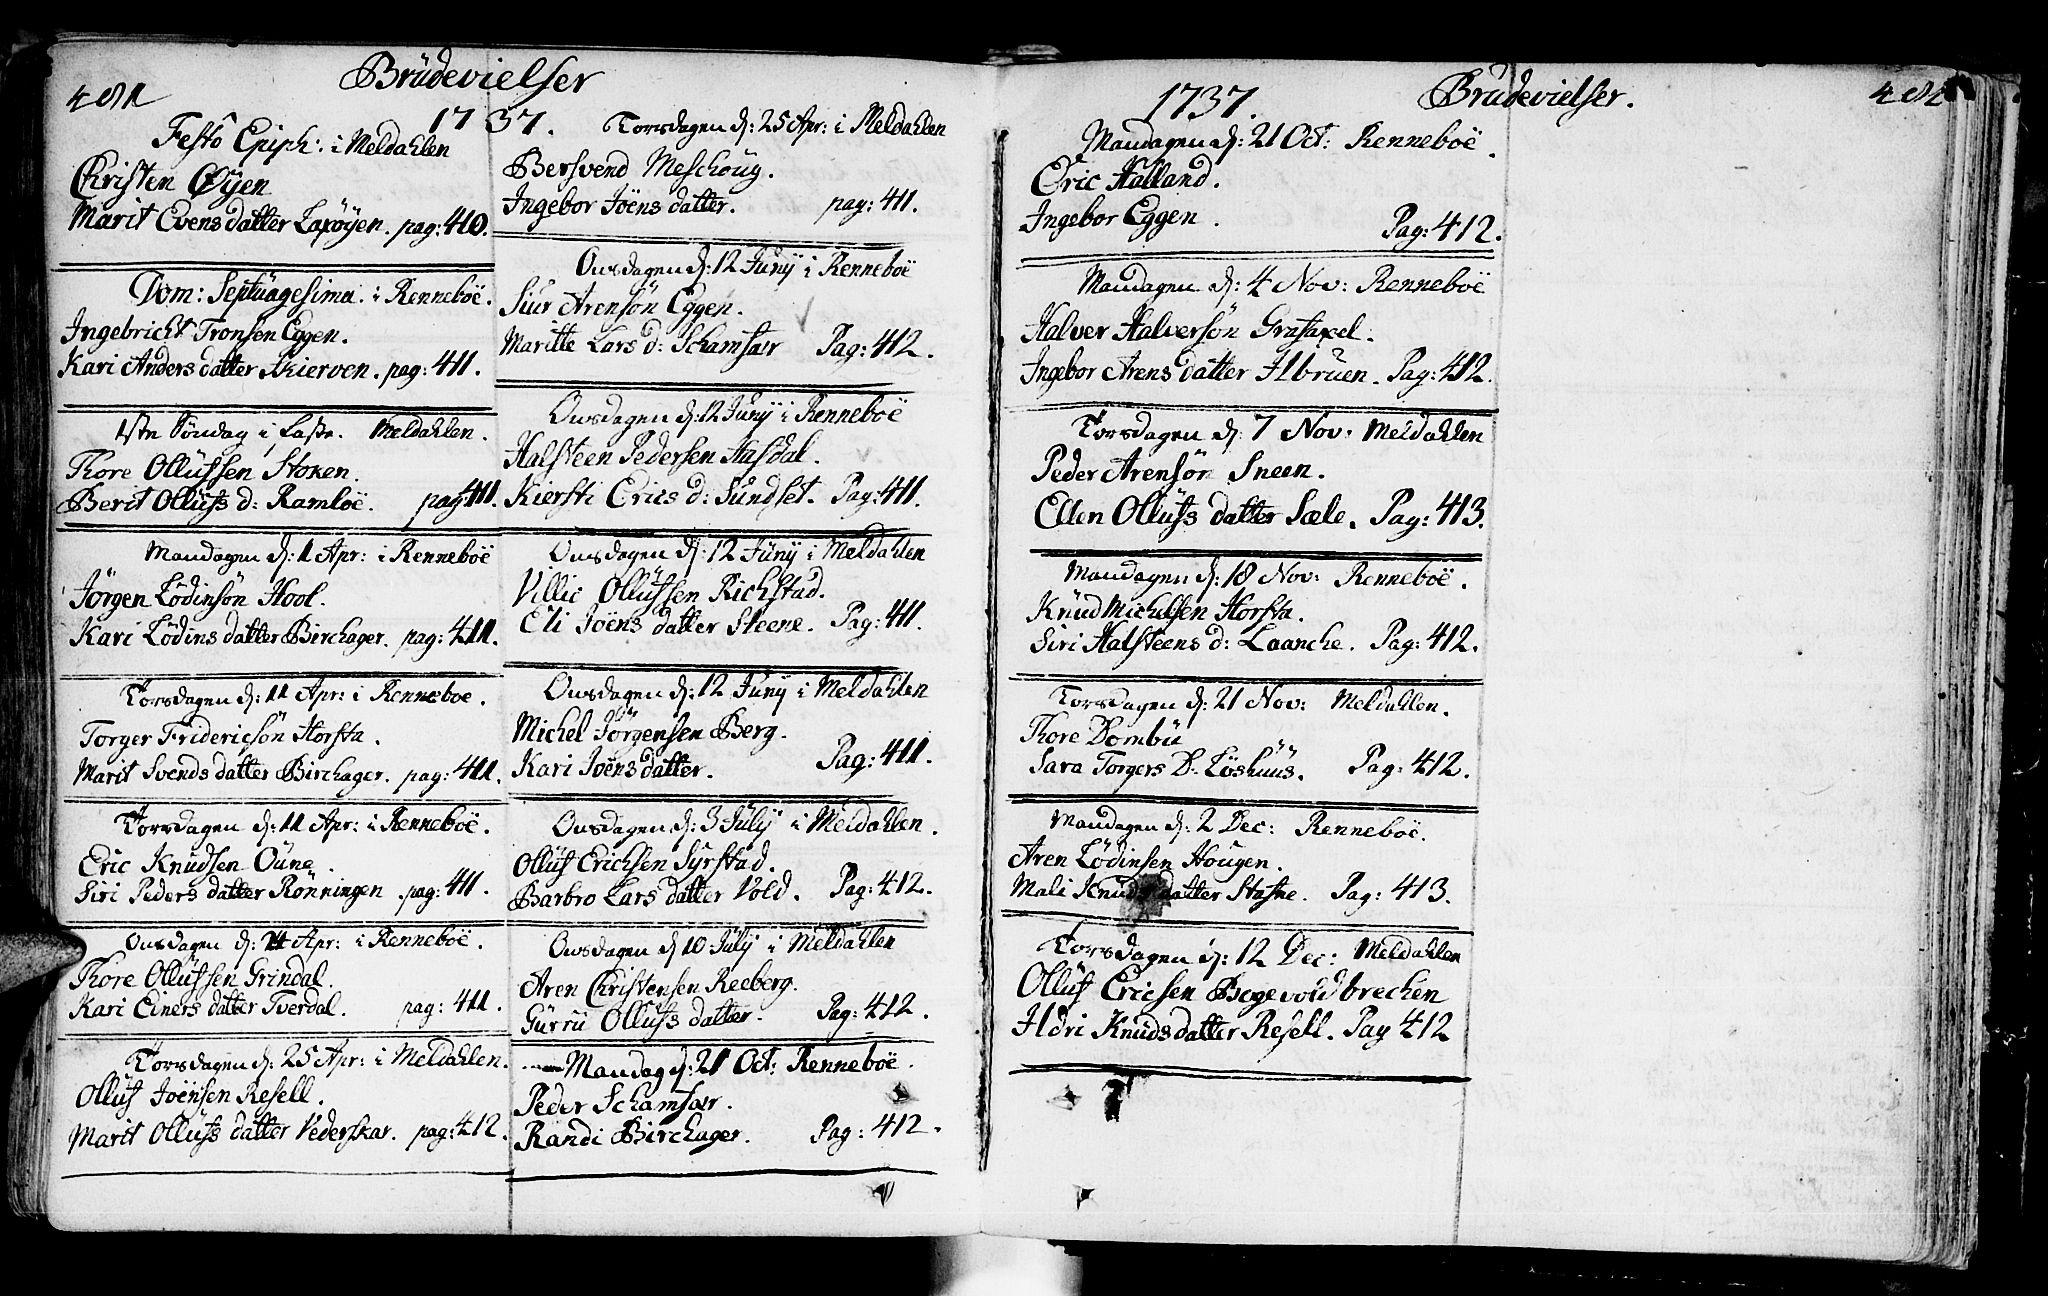 SAT, Ministerialprotokoller, klokkerbøker og fødselsregistre - Sør-Trøndelag, 672/L0850: Ministerialbok nr. 672A03, 1725-1751, s. 481-482